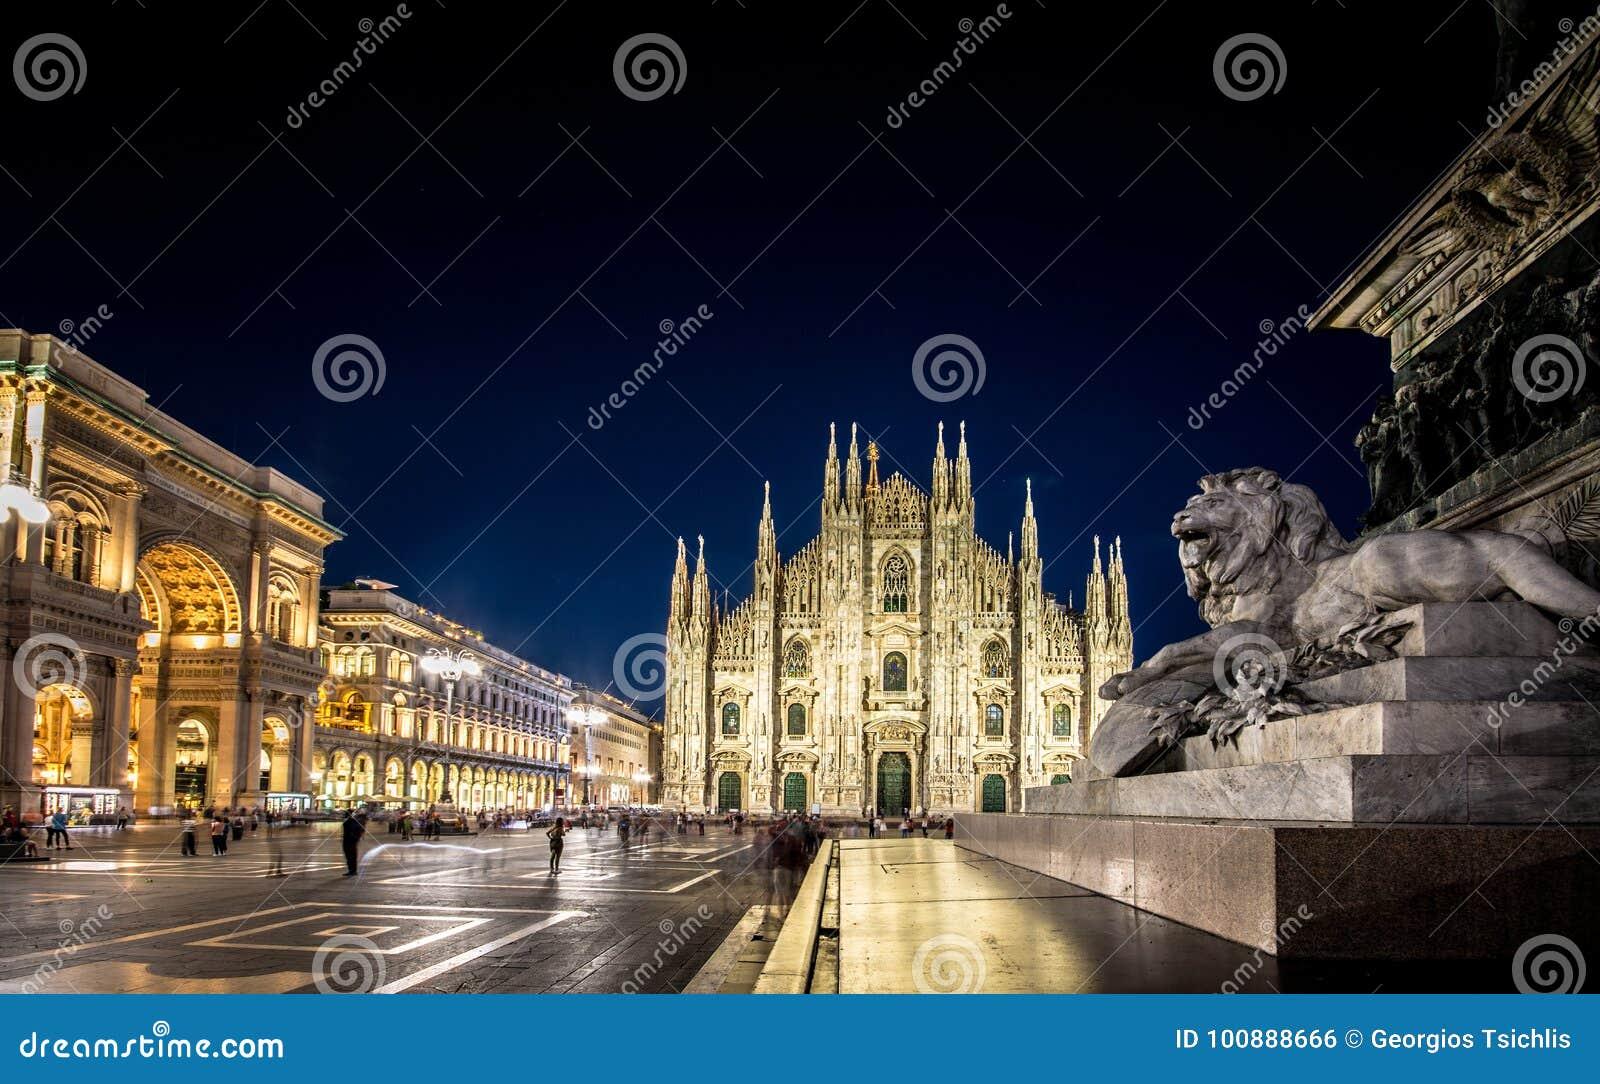 Milan Cathedral, Piazza del Duomo at night, Italy